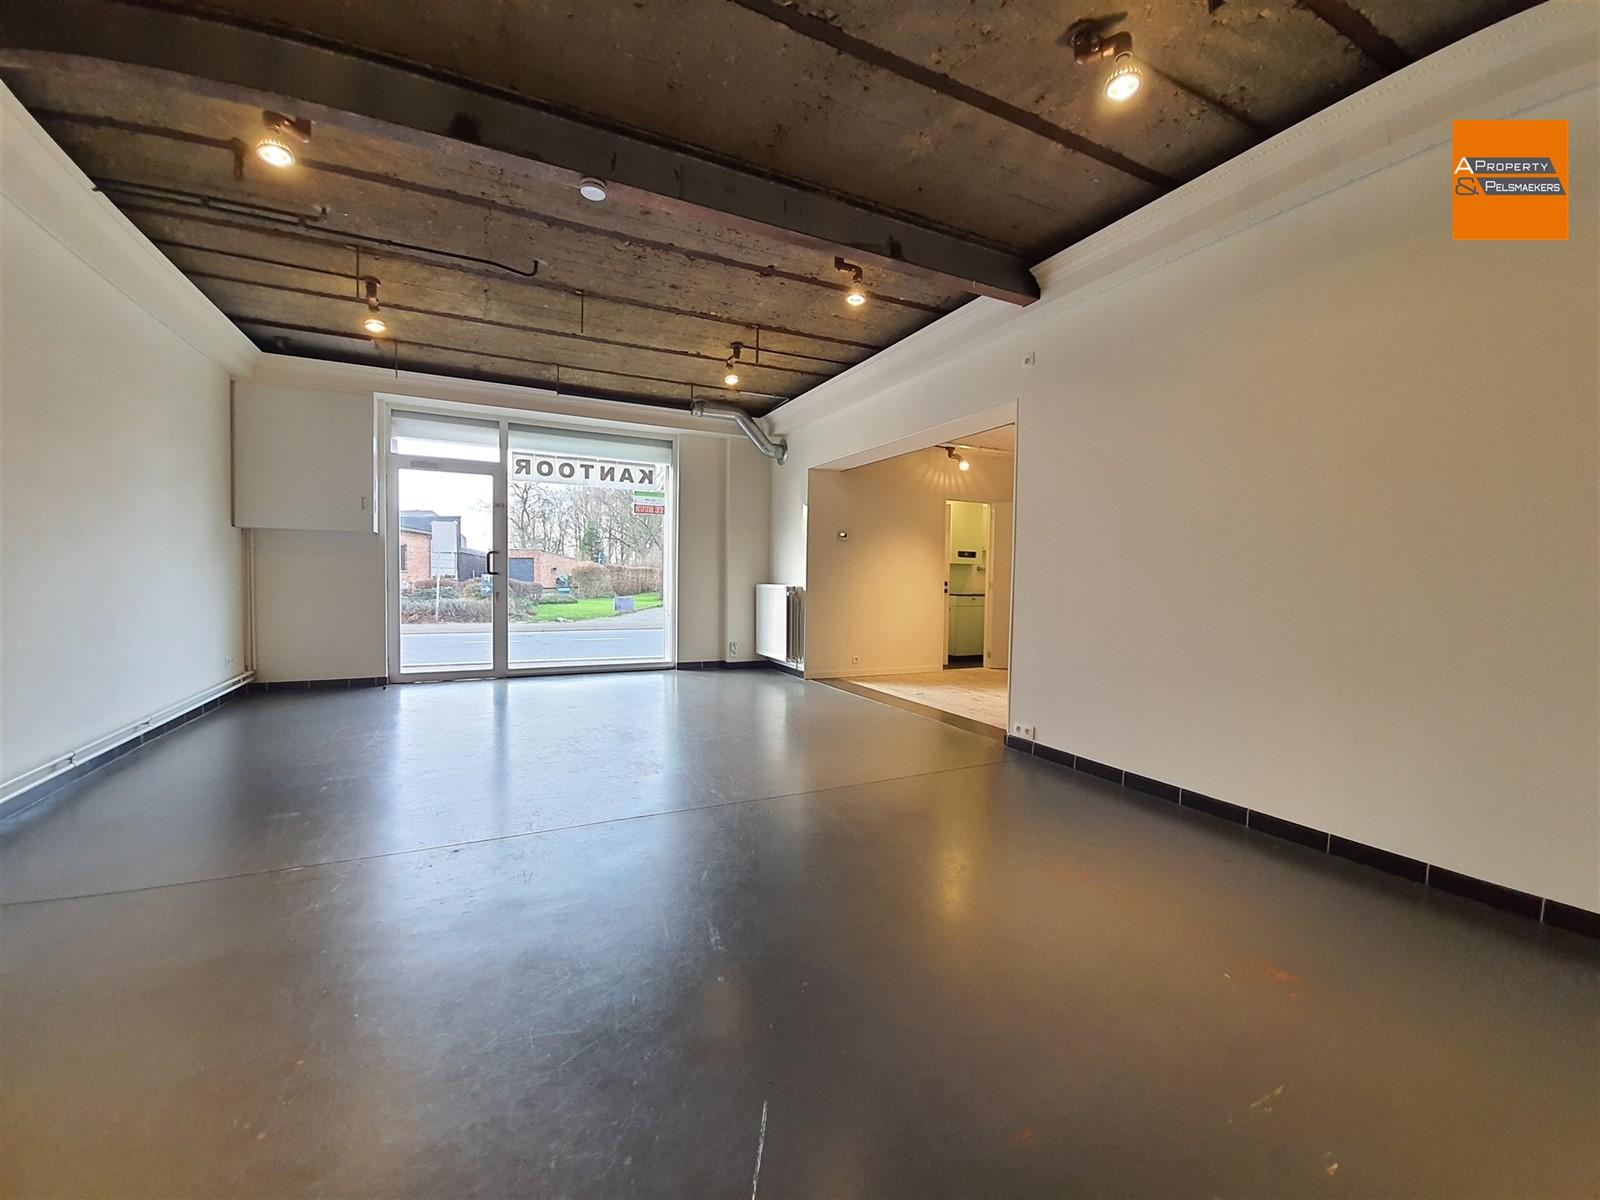 Foto 8 : Kantoorruimte in 3020 HERENT (België) - Prijs € 790